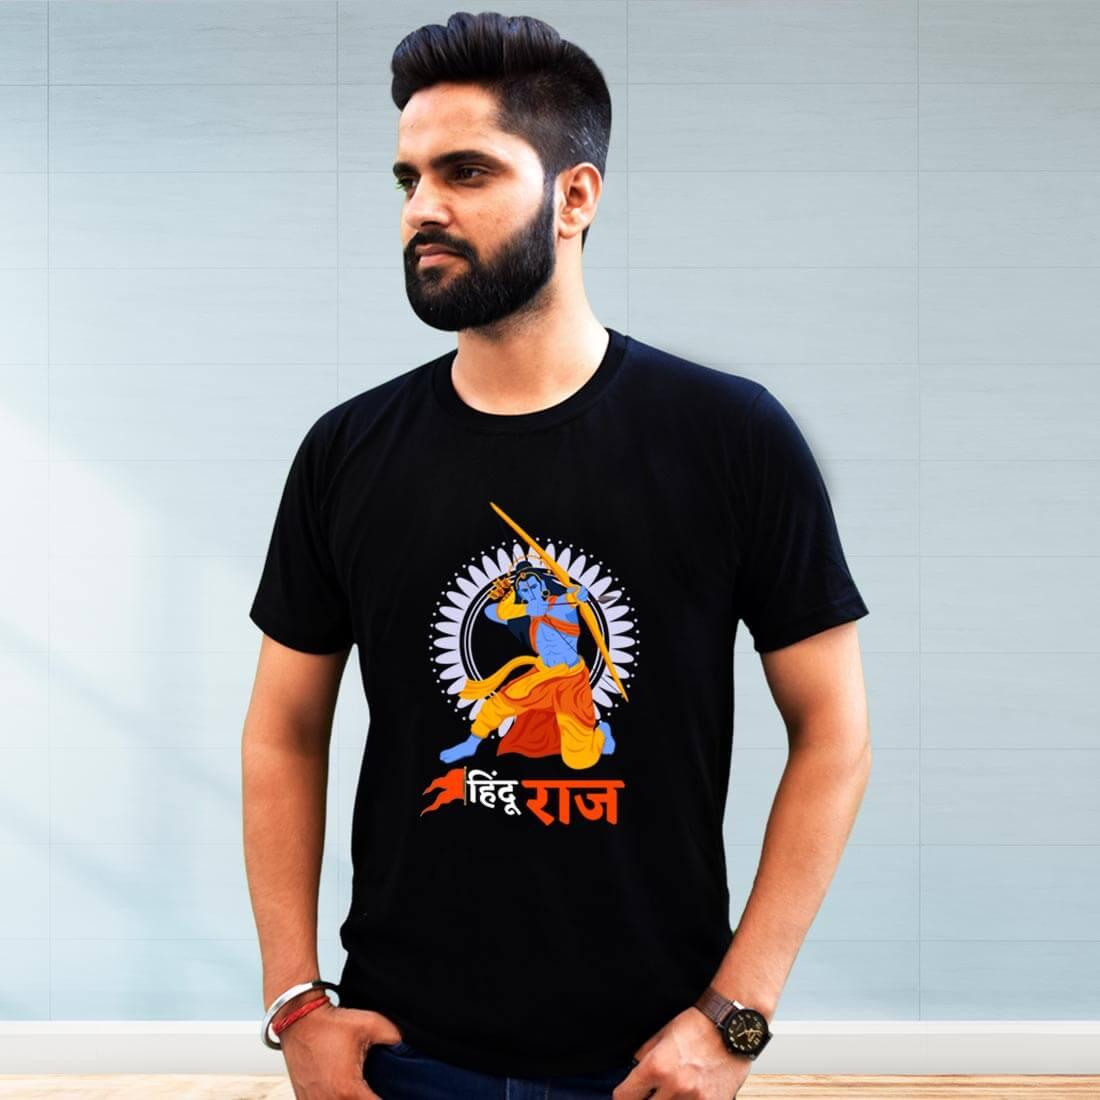 Hindu Raj Printed Black T Shirt Men